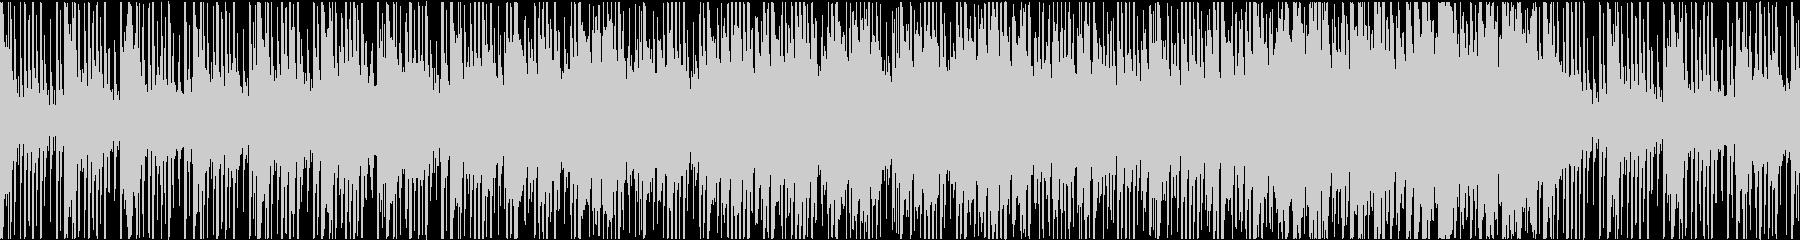 ゲーム用BGM 民族音楽風BGMの未再生の波形